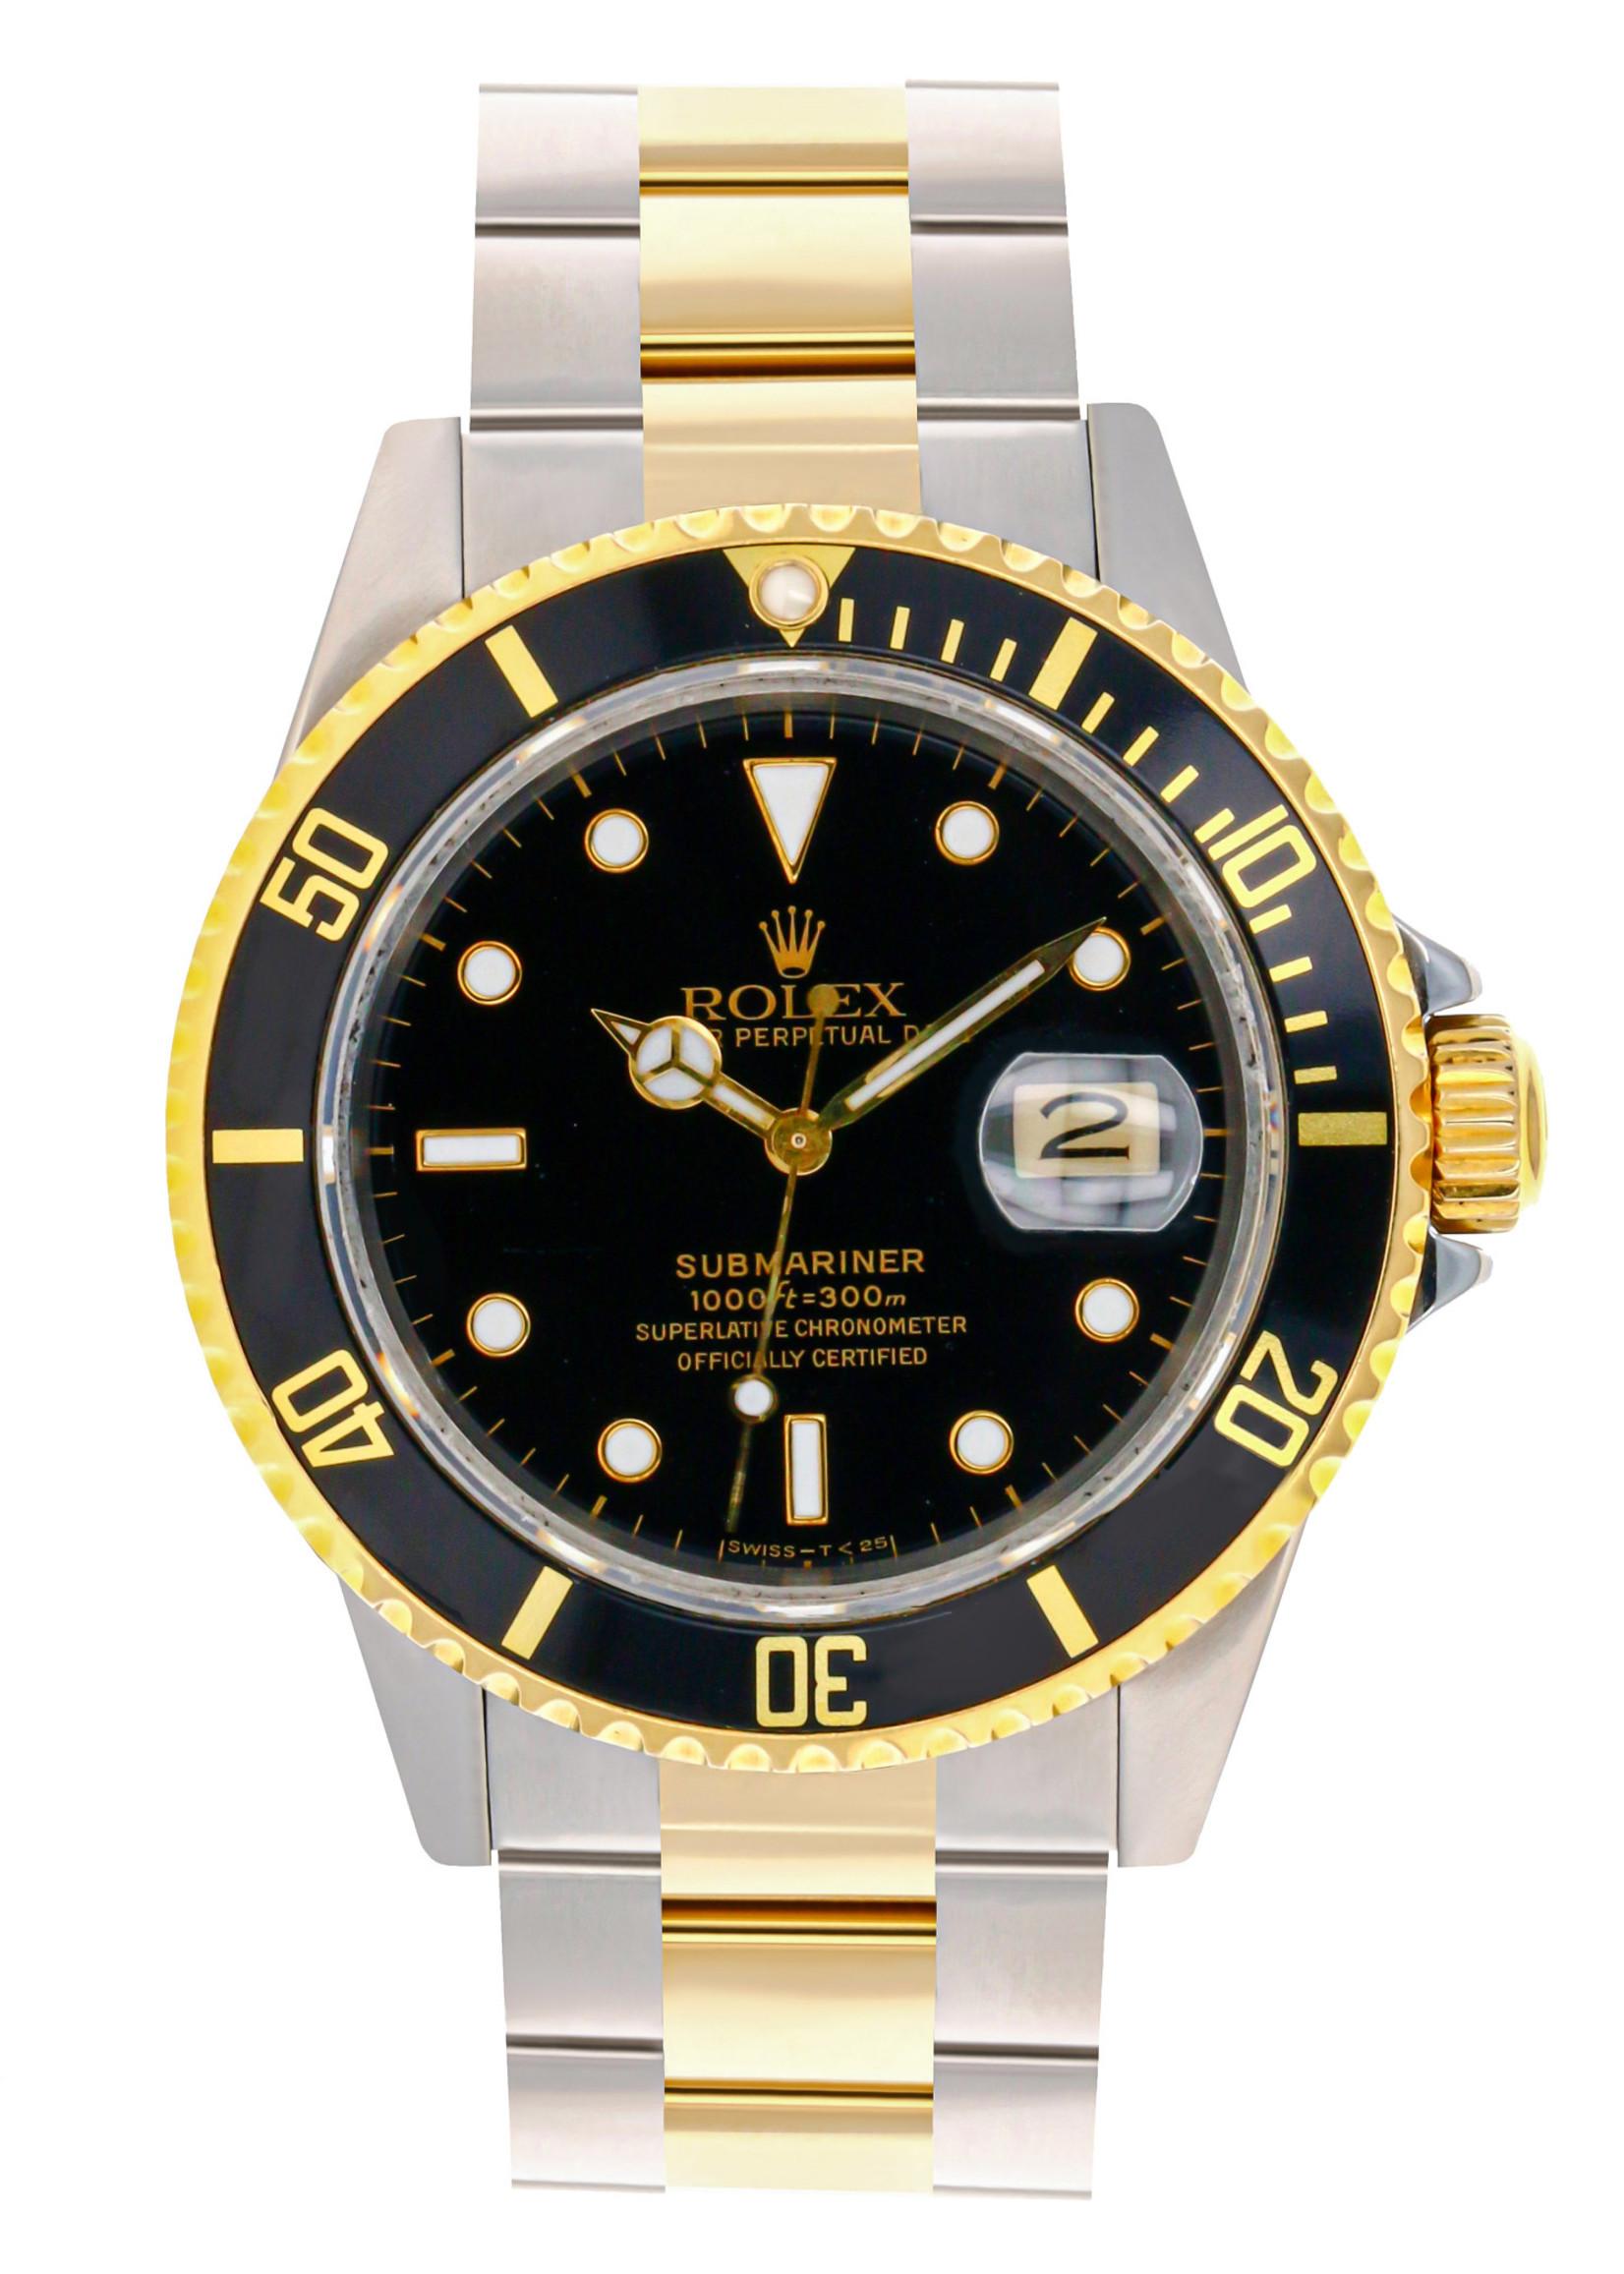 Rolex Watches ROLEX SUBMARINER (1986) #16803